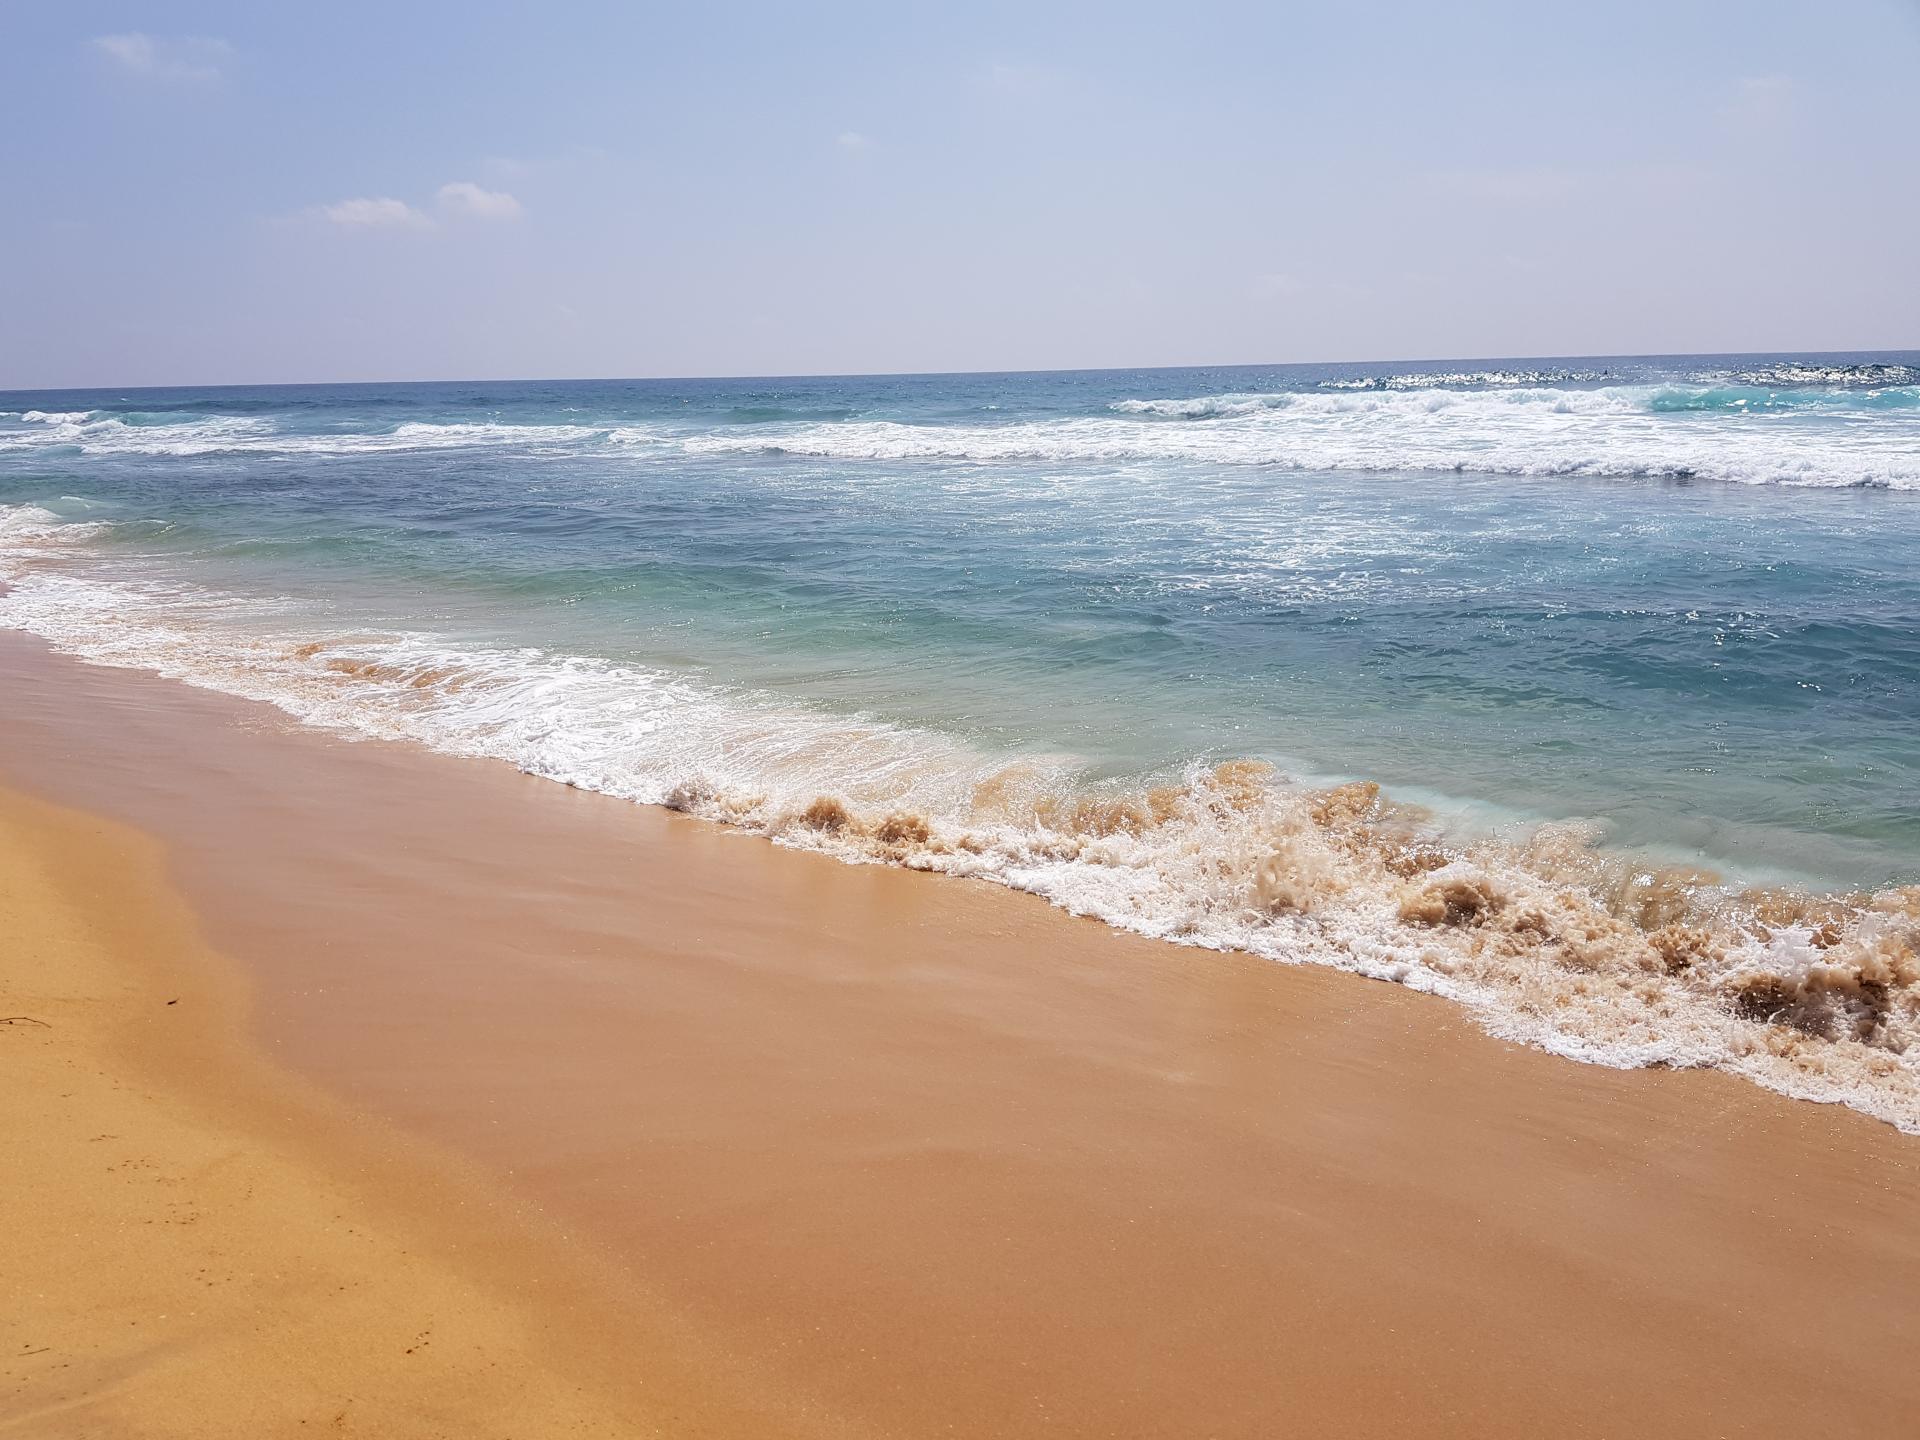 Индийский океан, Хиккадува, Шри-Ланка.